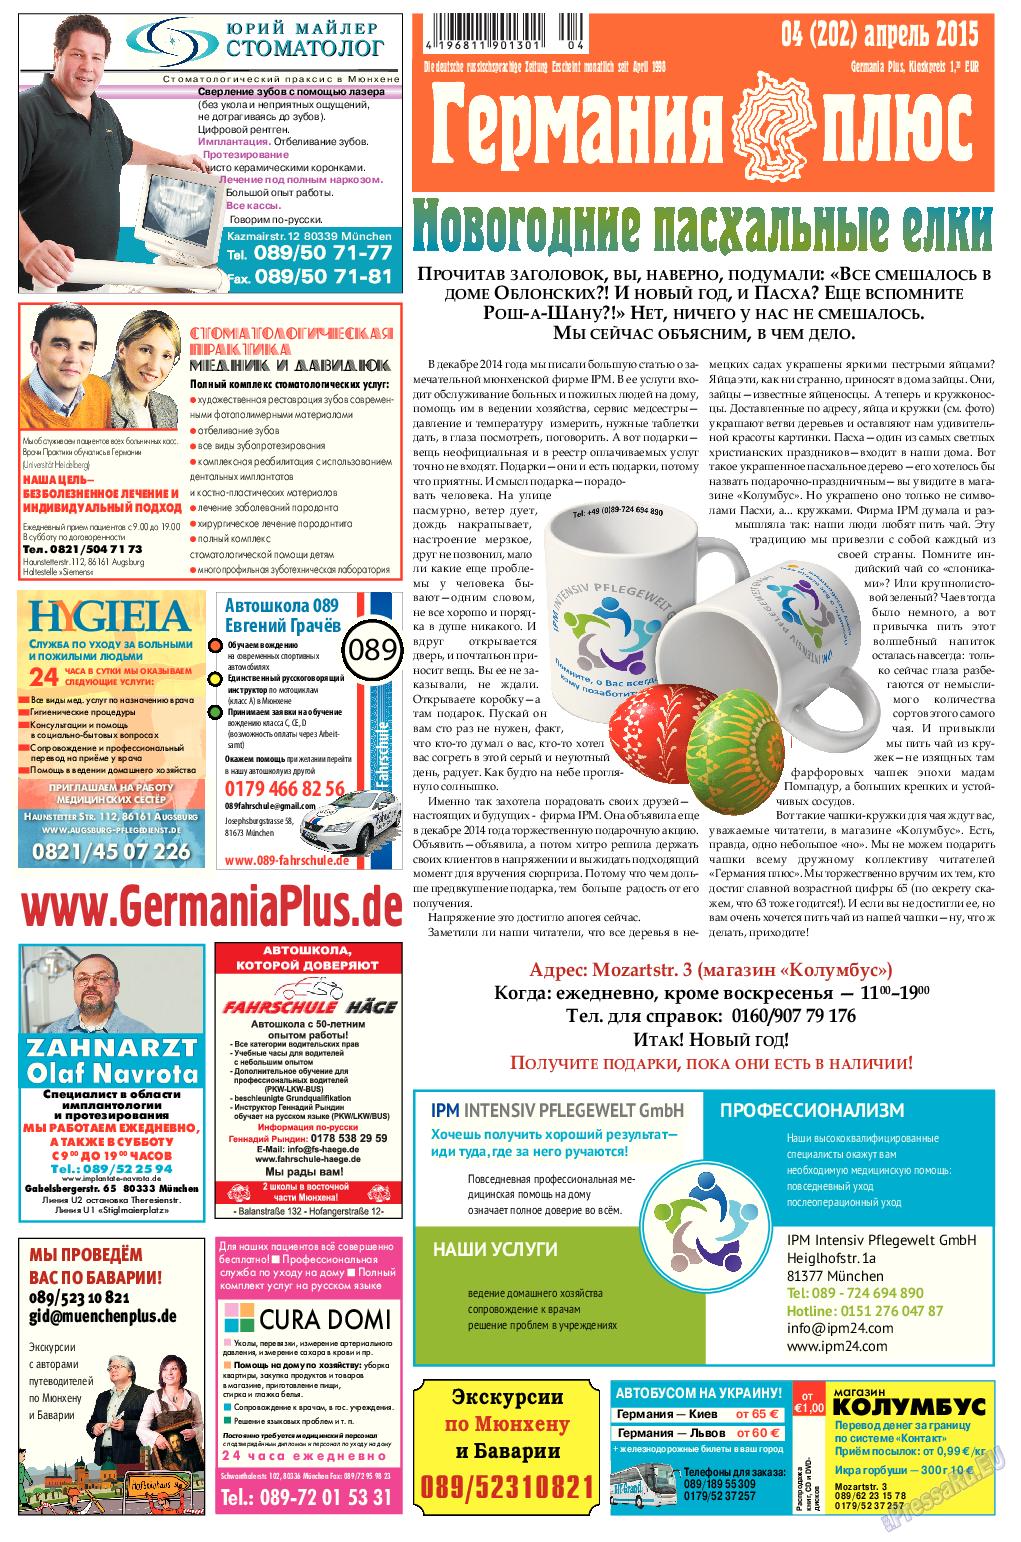 Германия плюс (газета). 2015 год, номер 4, стр. 1